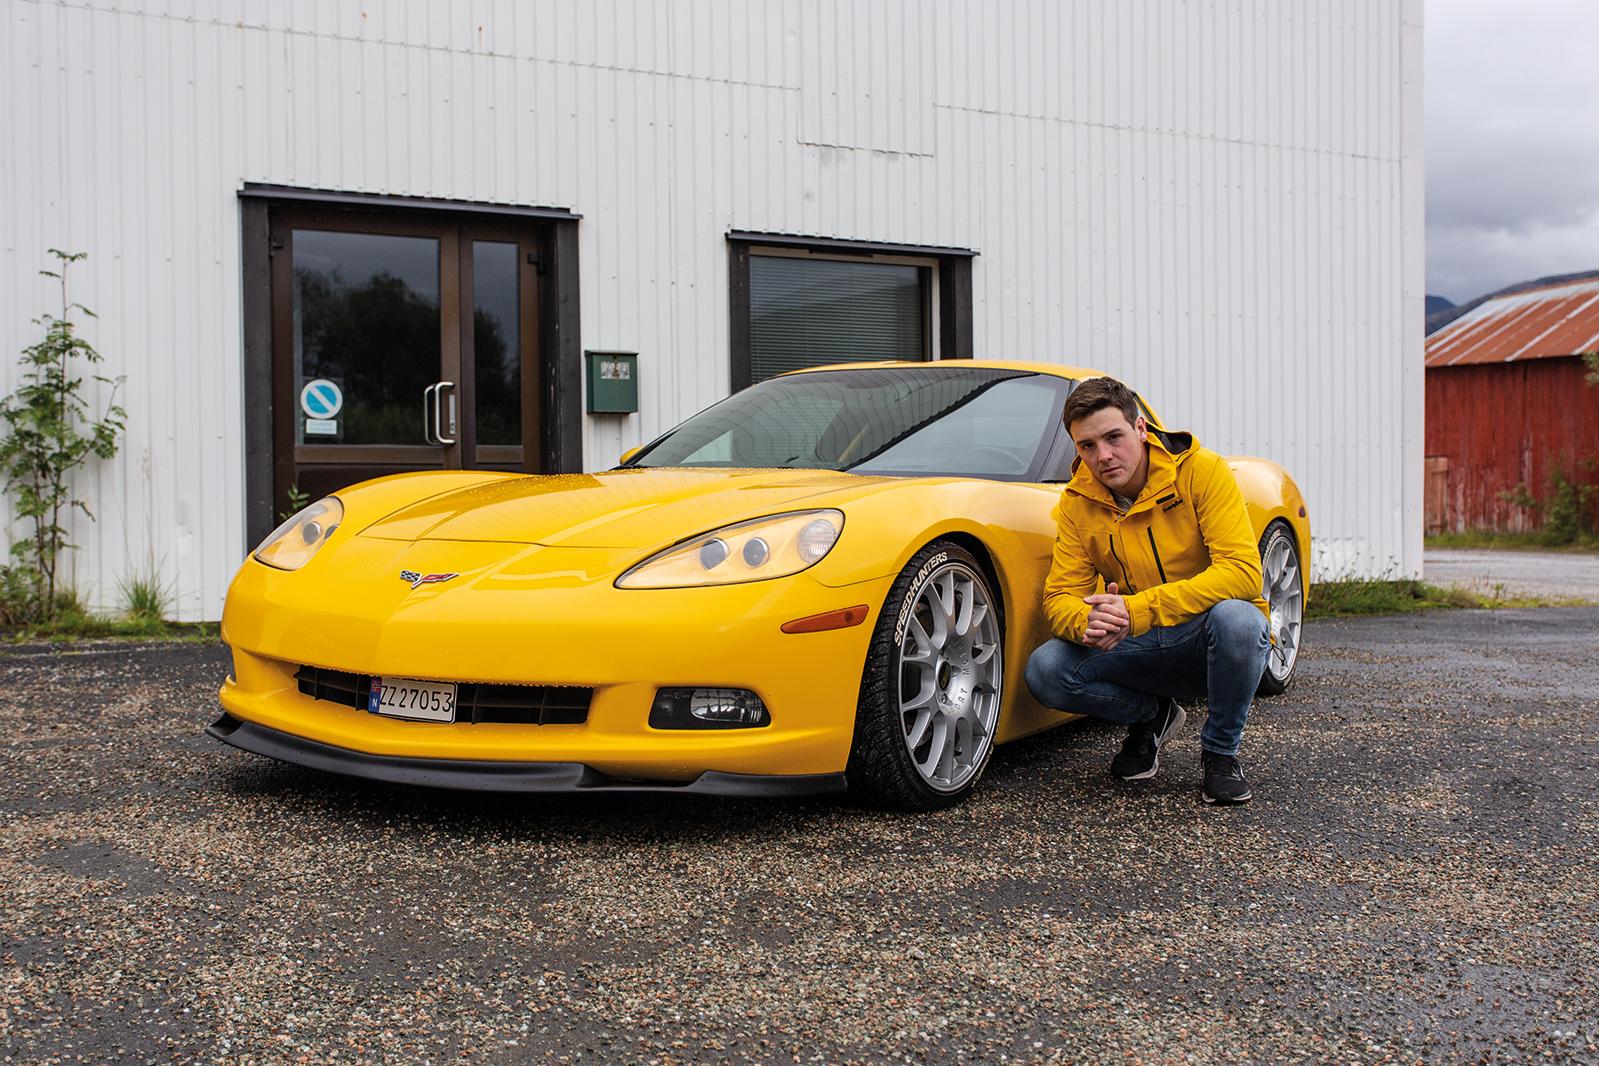 Illsint Corvette - 2005 Chevrolet Corvette